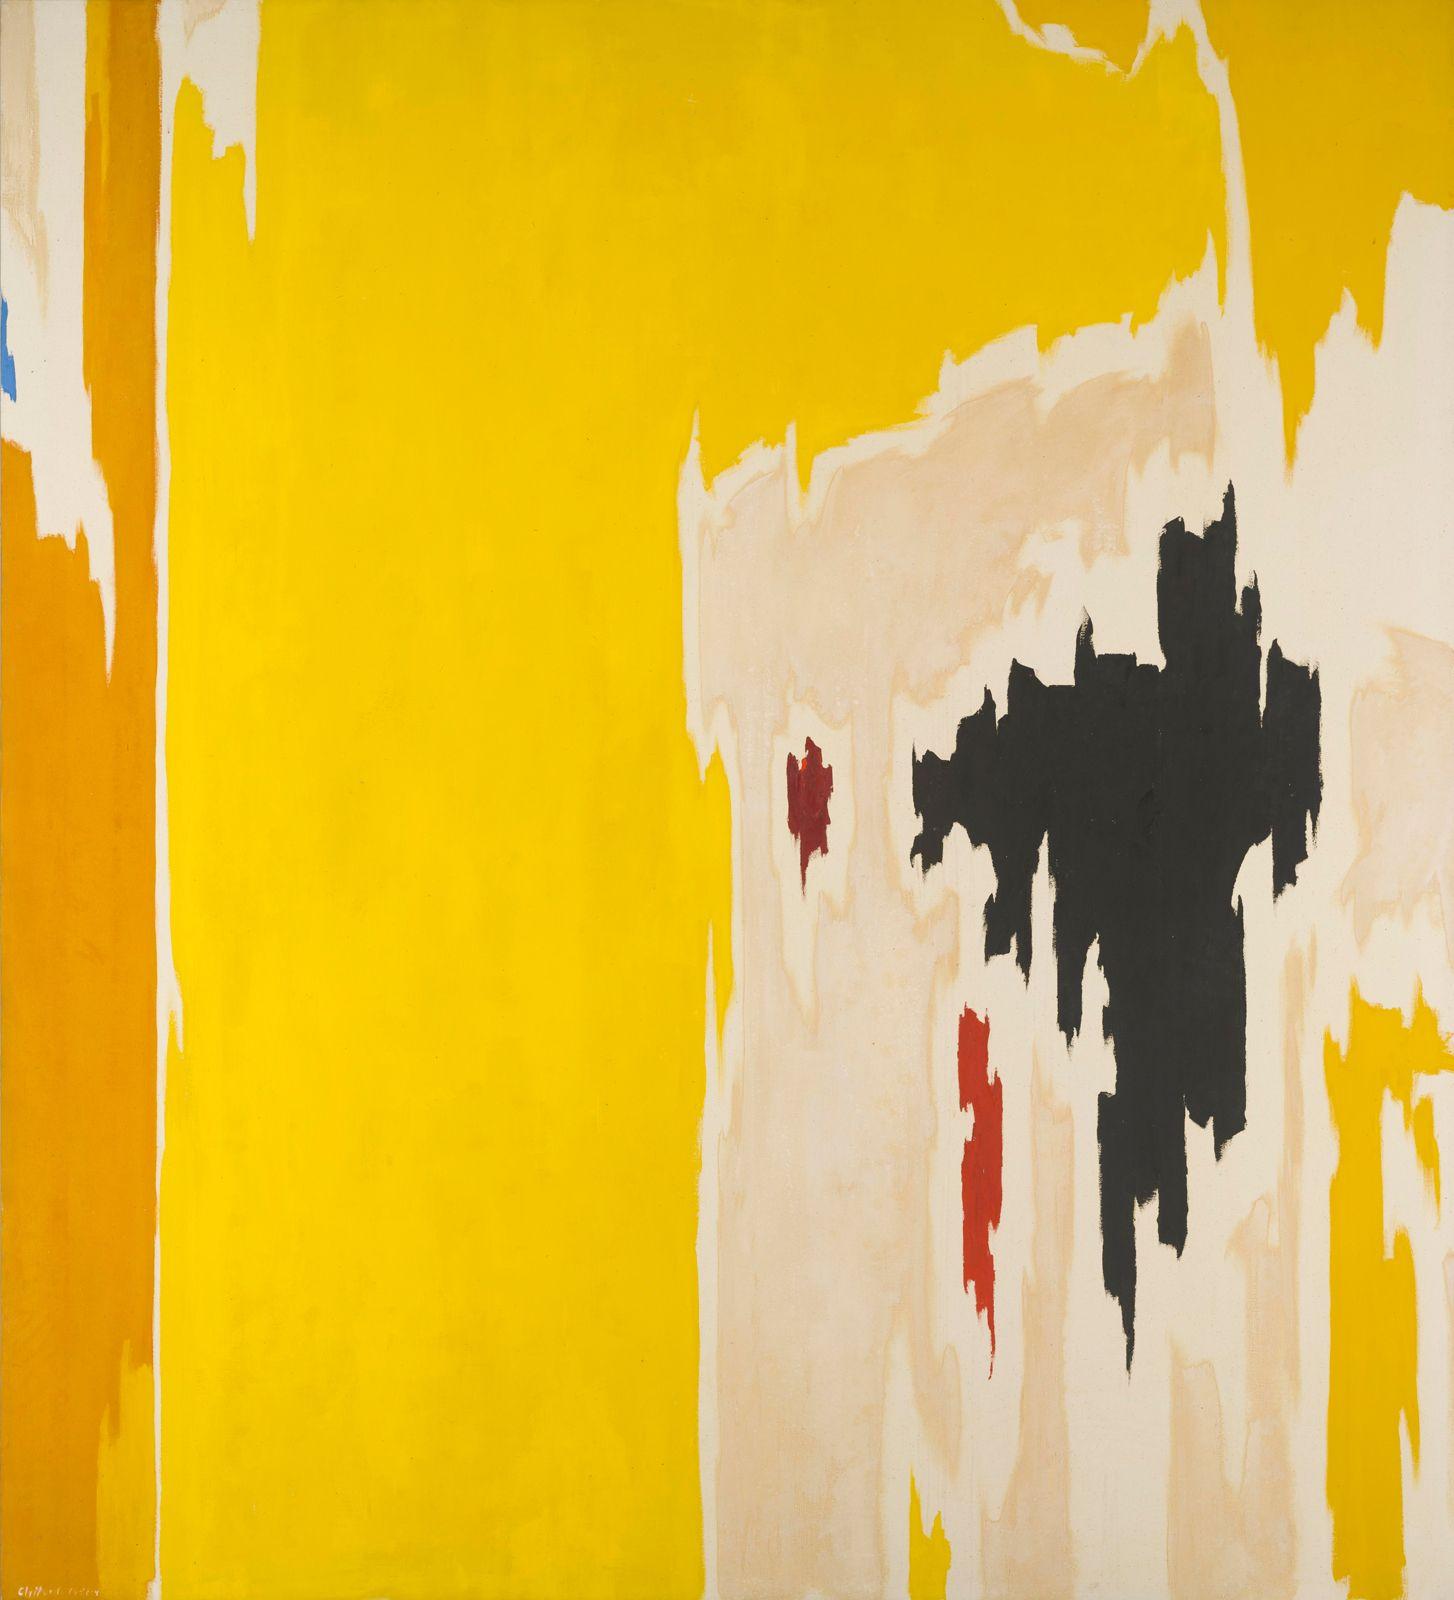 PH-1074 CLYFFORD STILL PH-1074, 1956 Oil on canvas 117 x 108 in., in ...